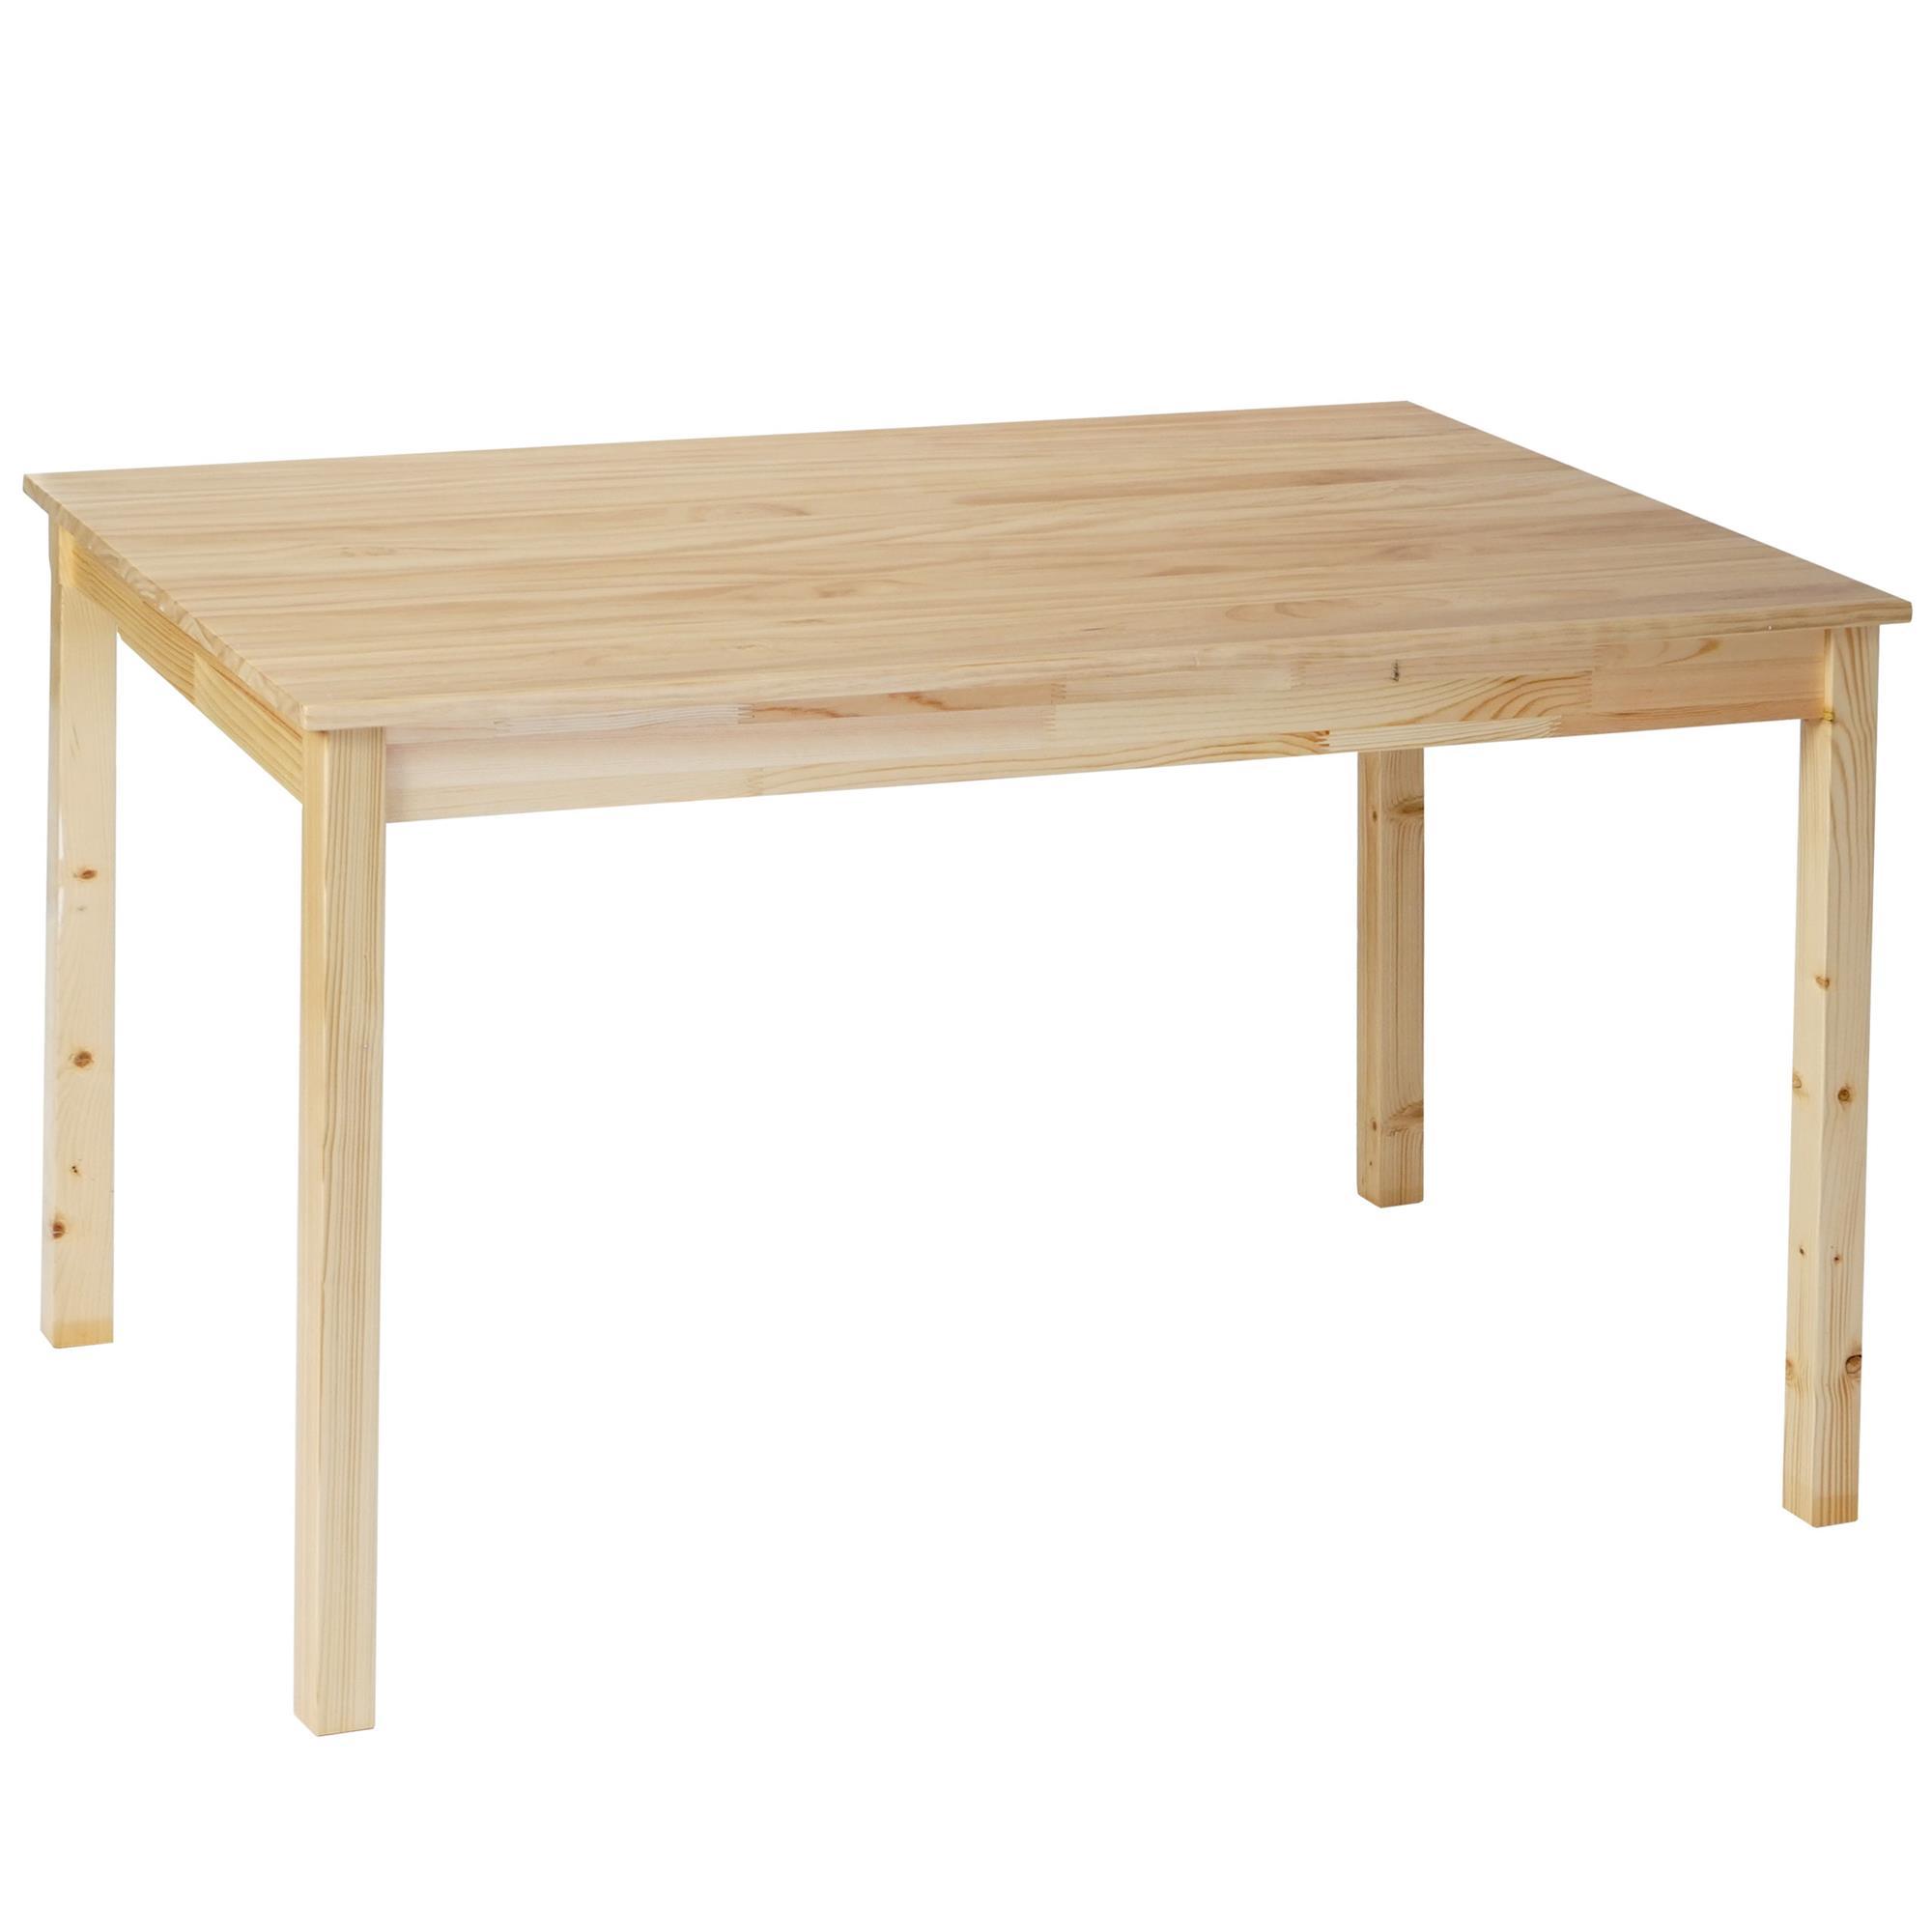 Conjunto mesa 4 sillas de cocina o comedor nerja en for Mesas y sillas de cocina comedor